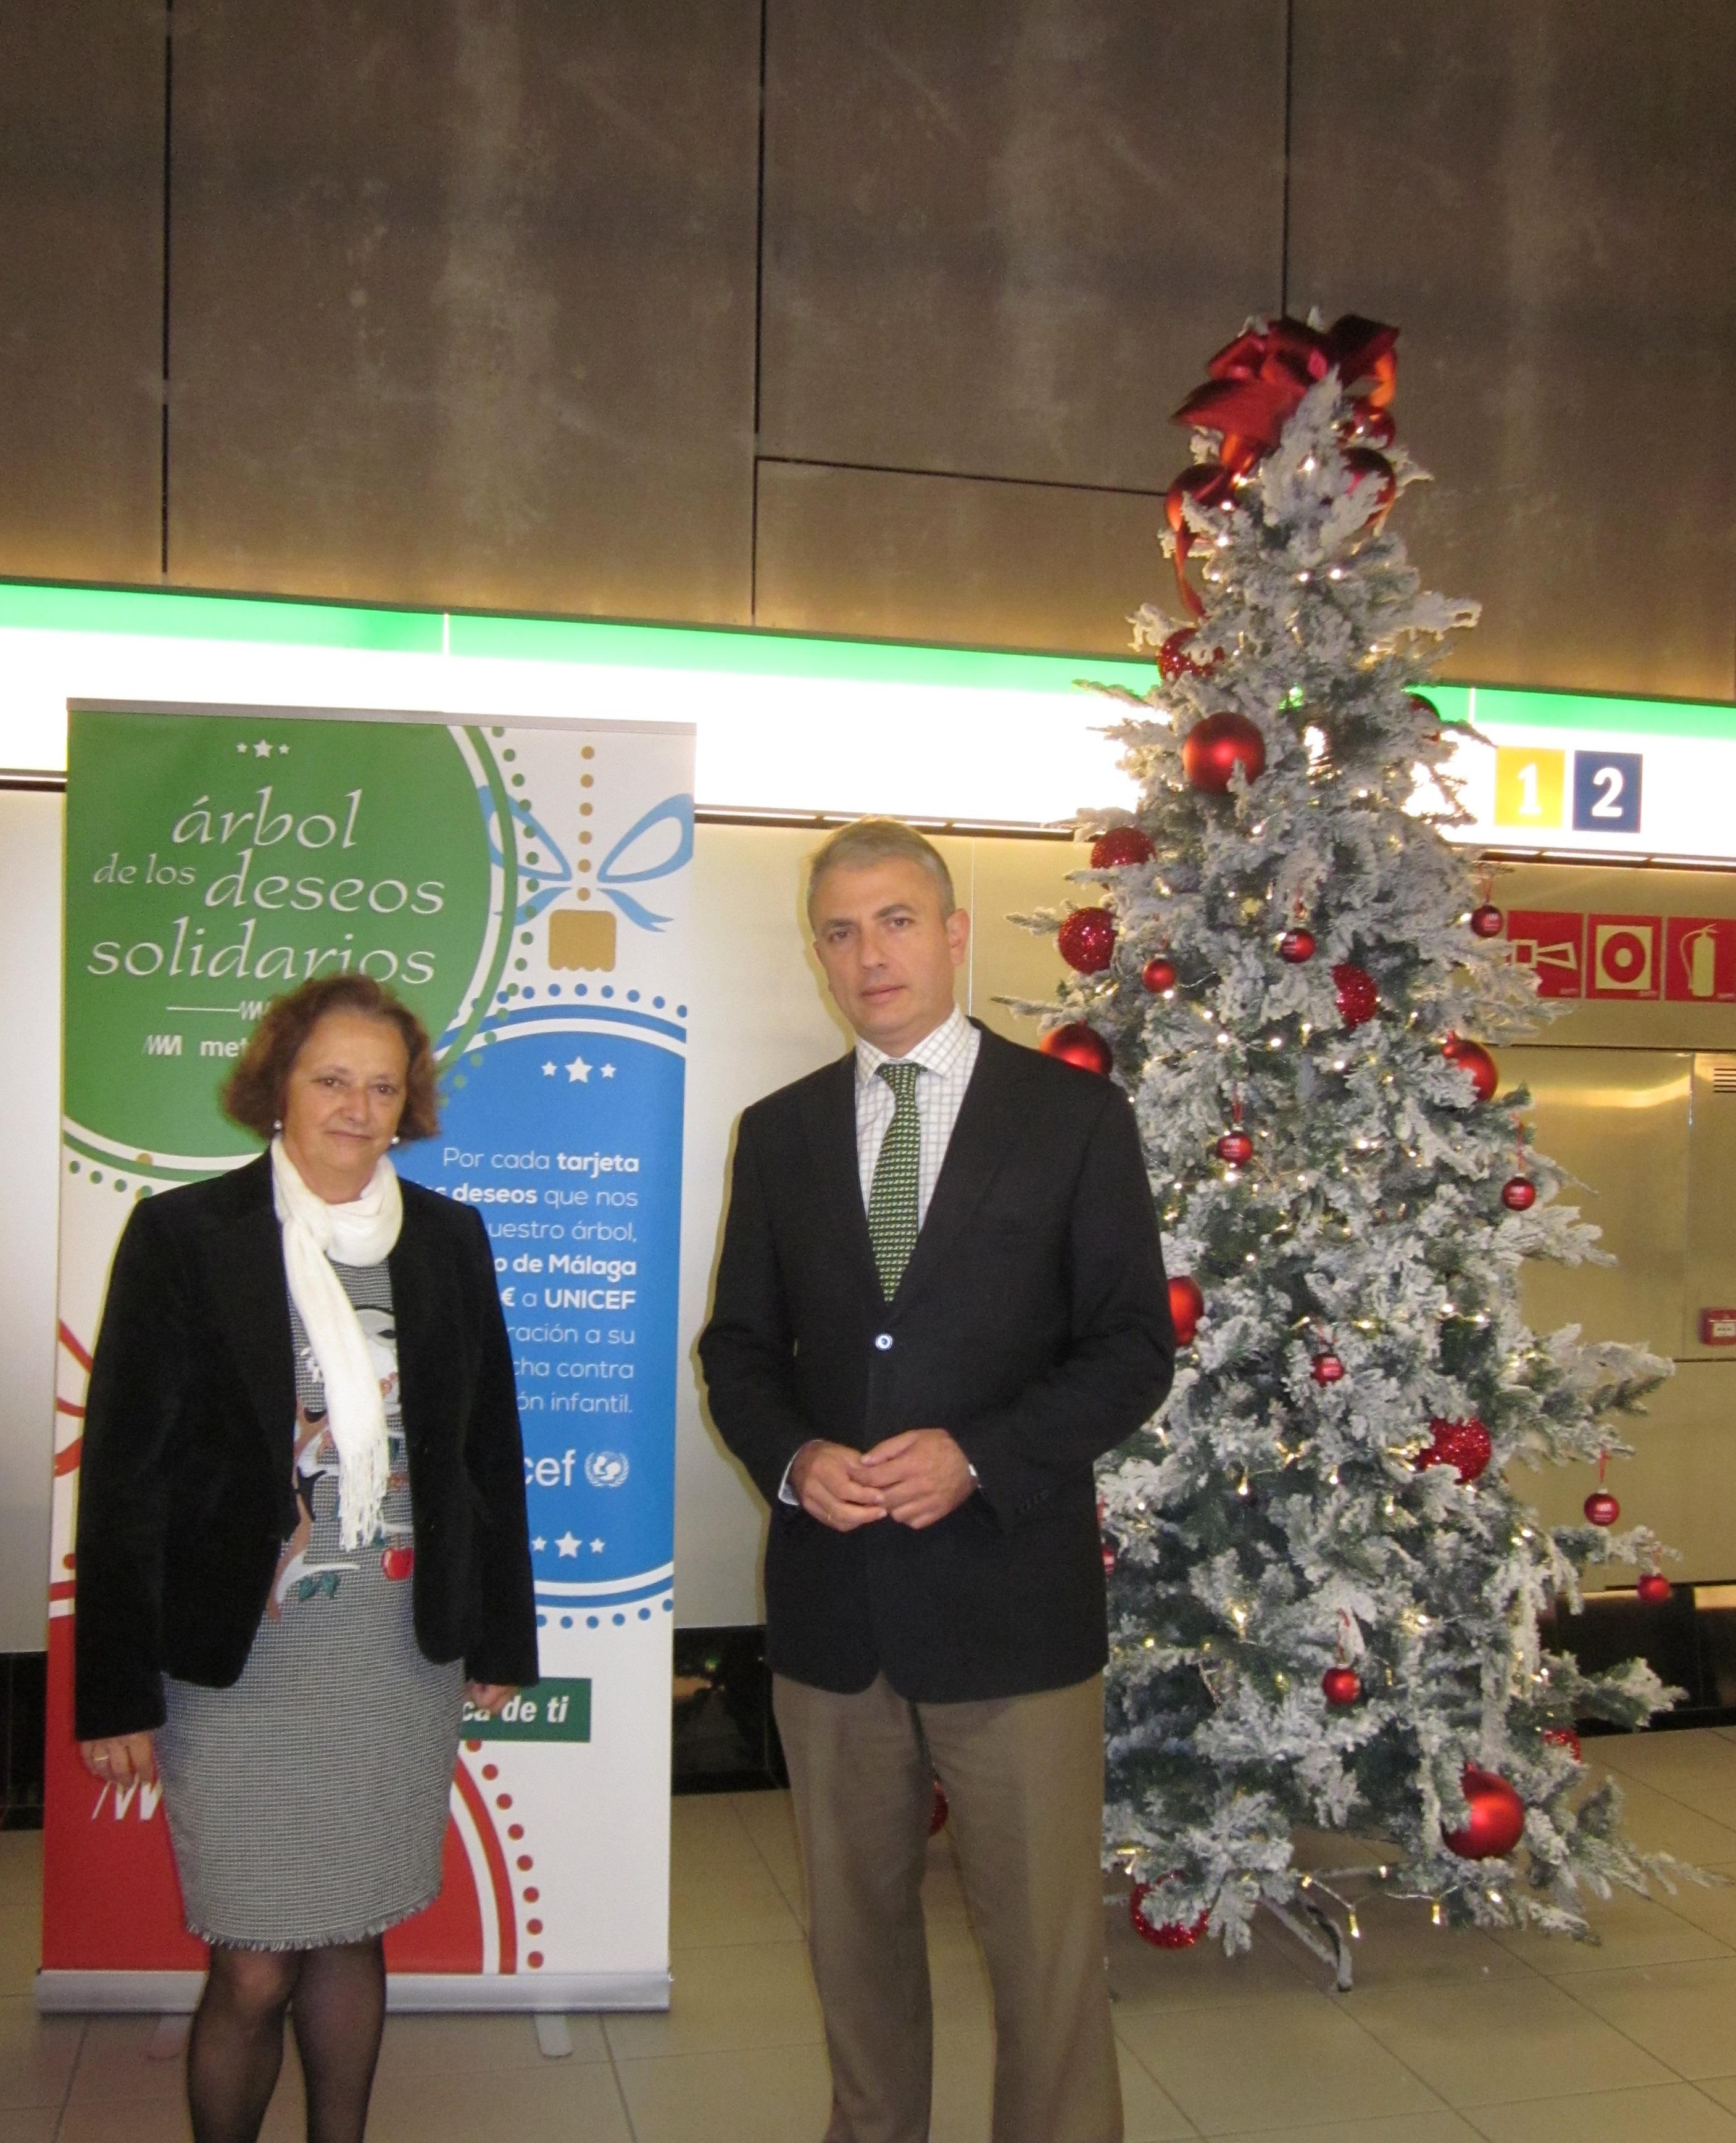 el director general de Metro de Málaga, Fernando Lozano, y la presidenta de UNICEF Comité Málaga, Cristina Álvarez.